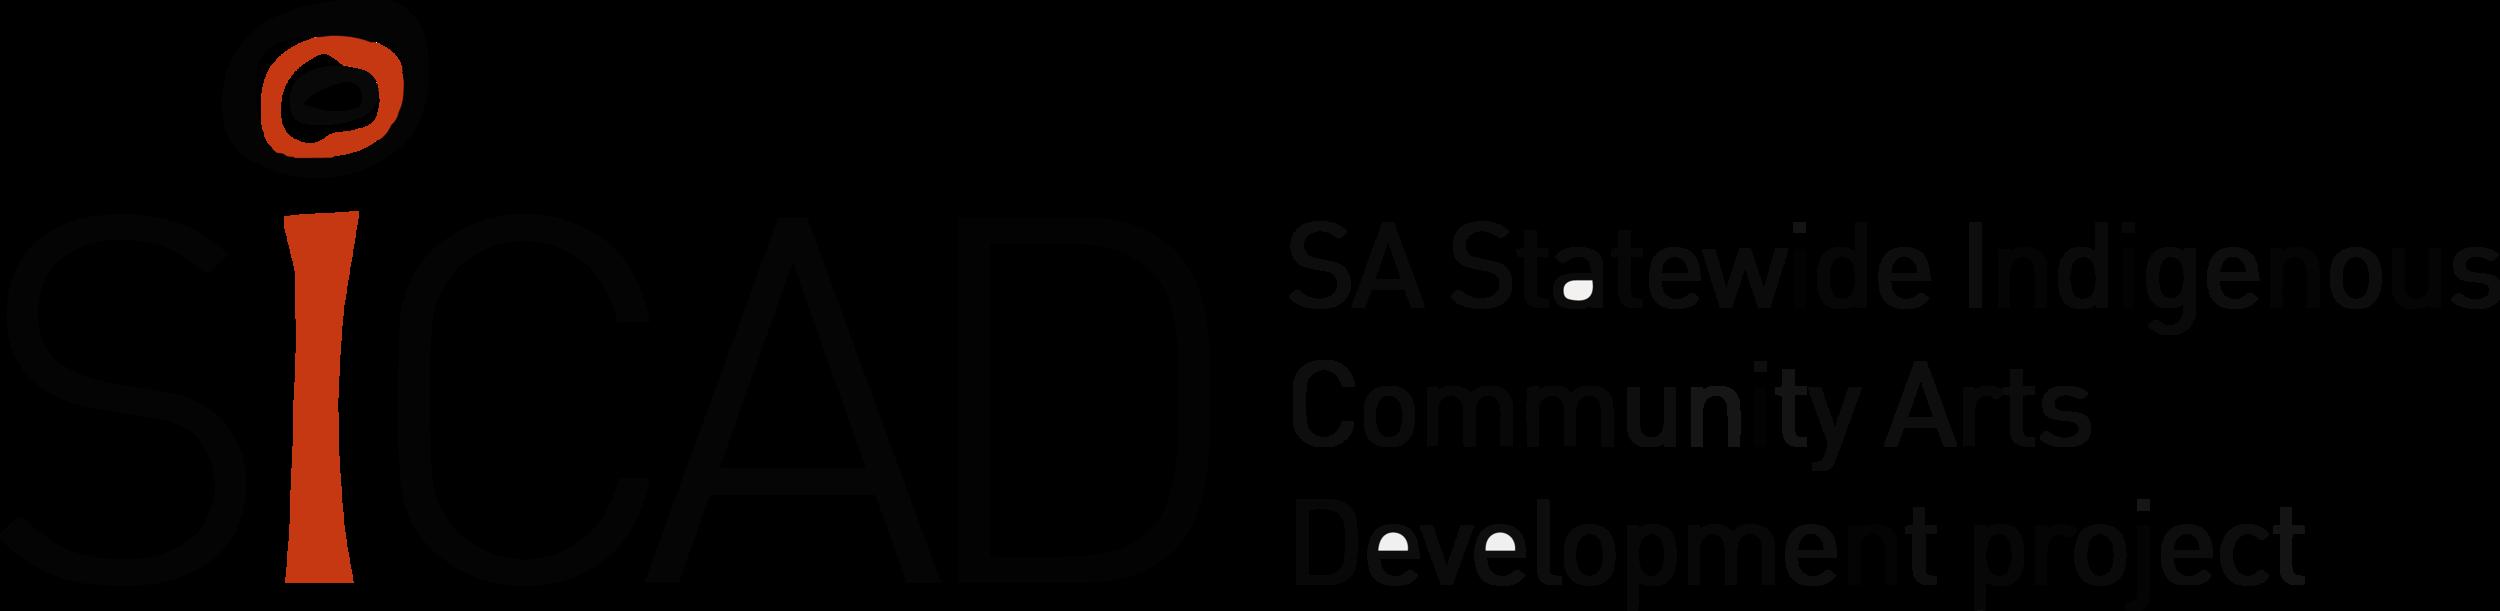 SICAD logo long.png